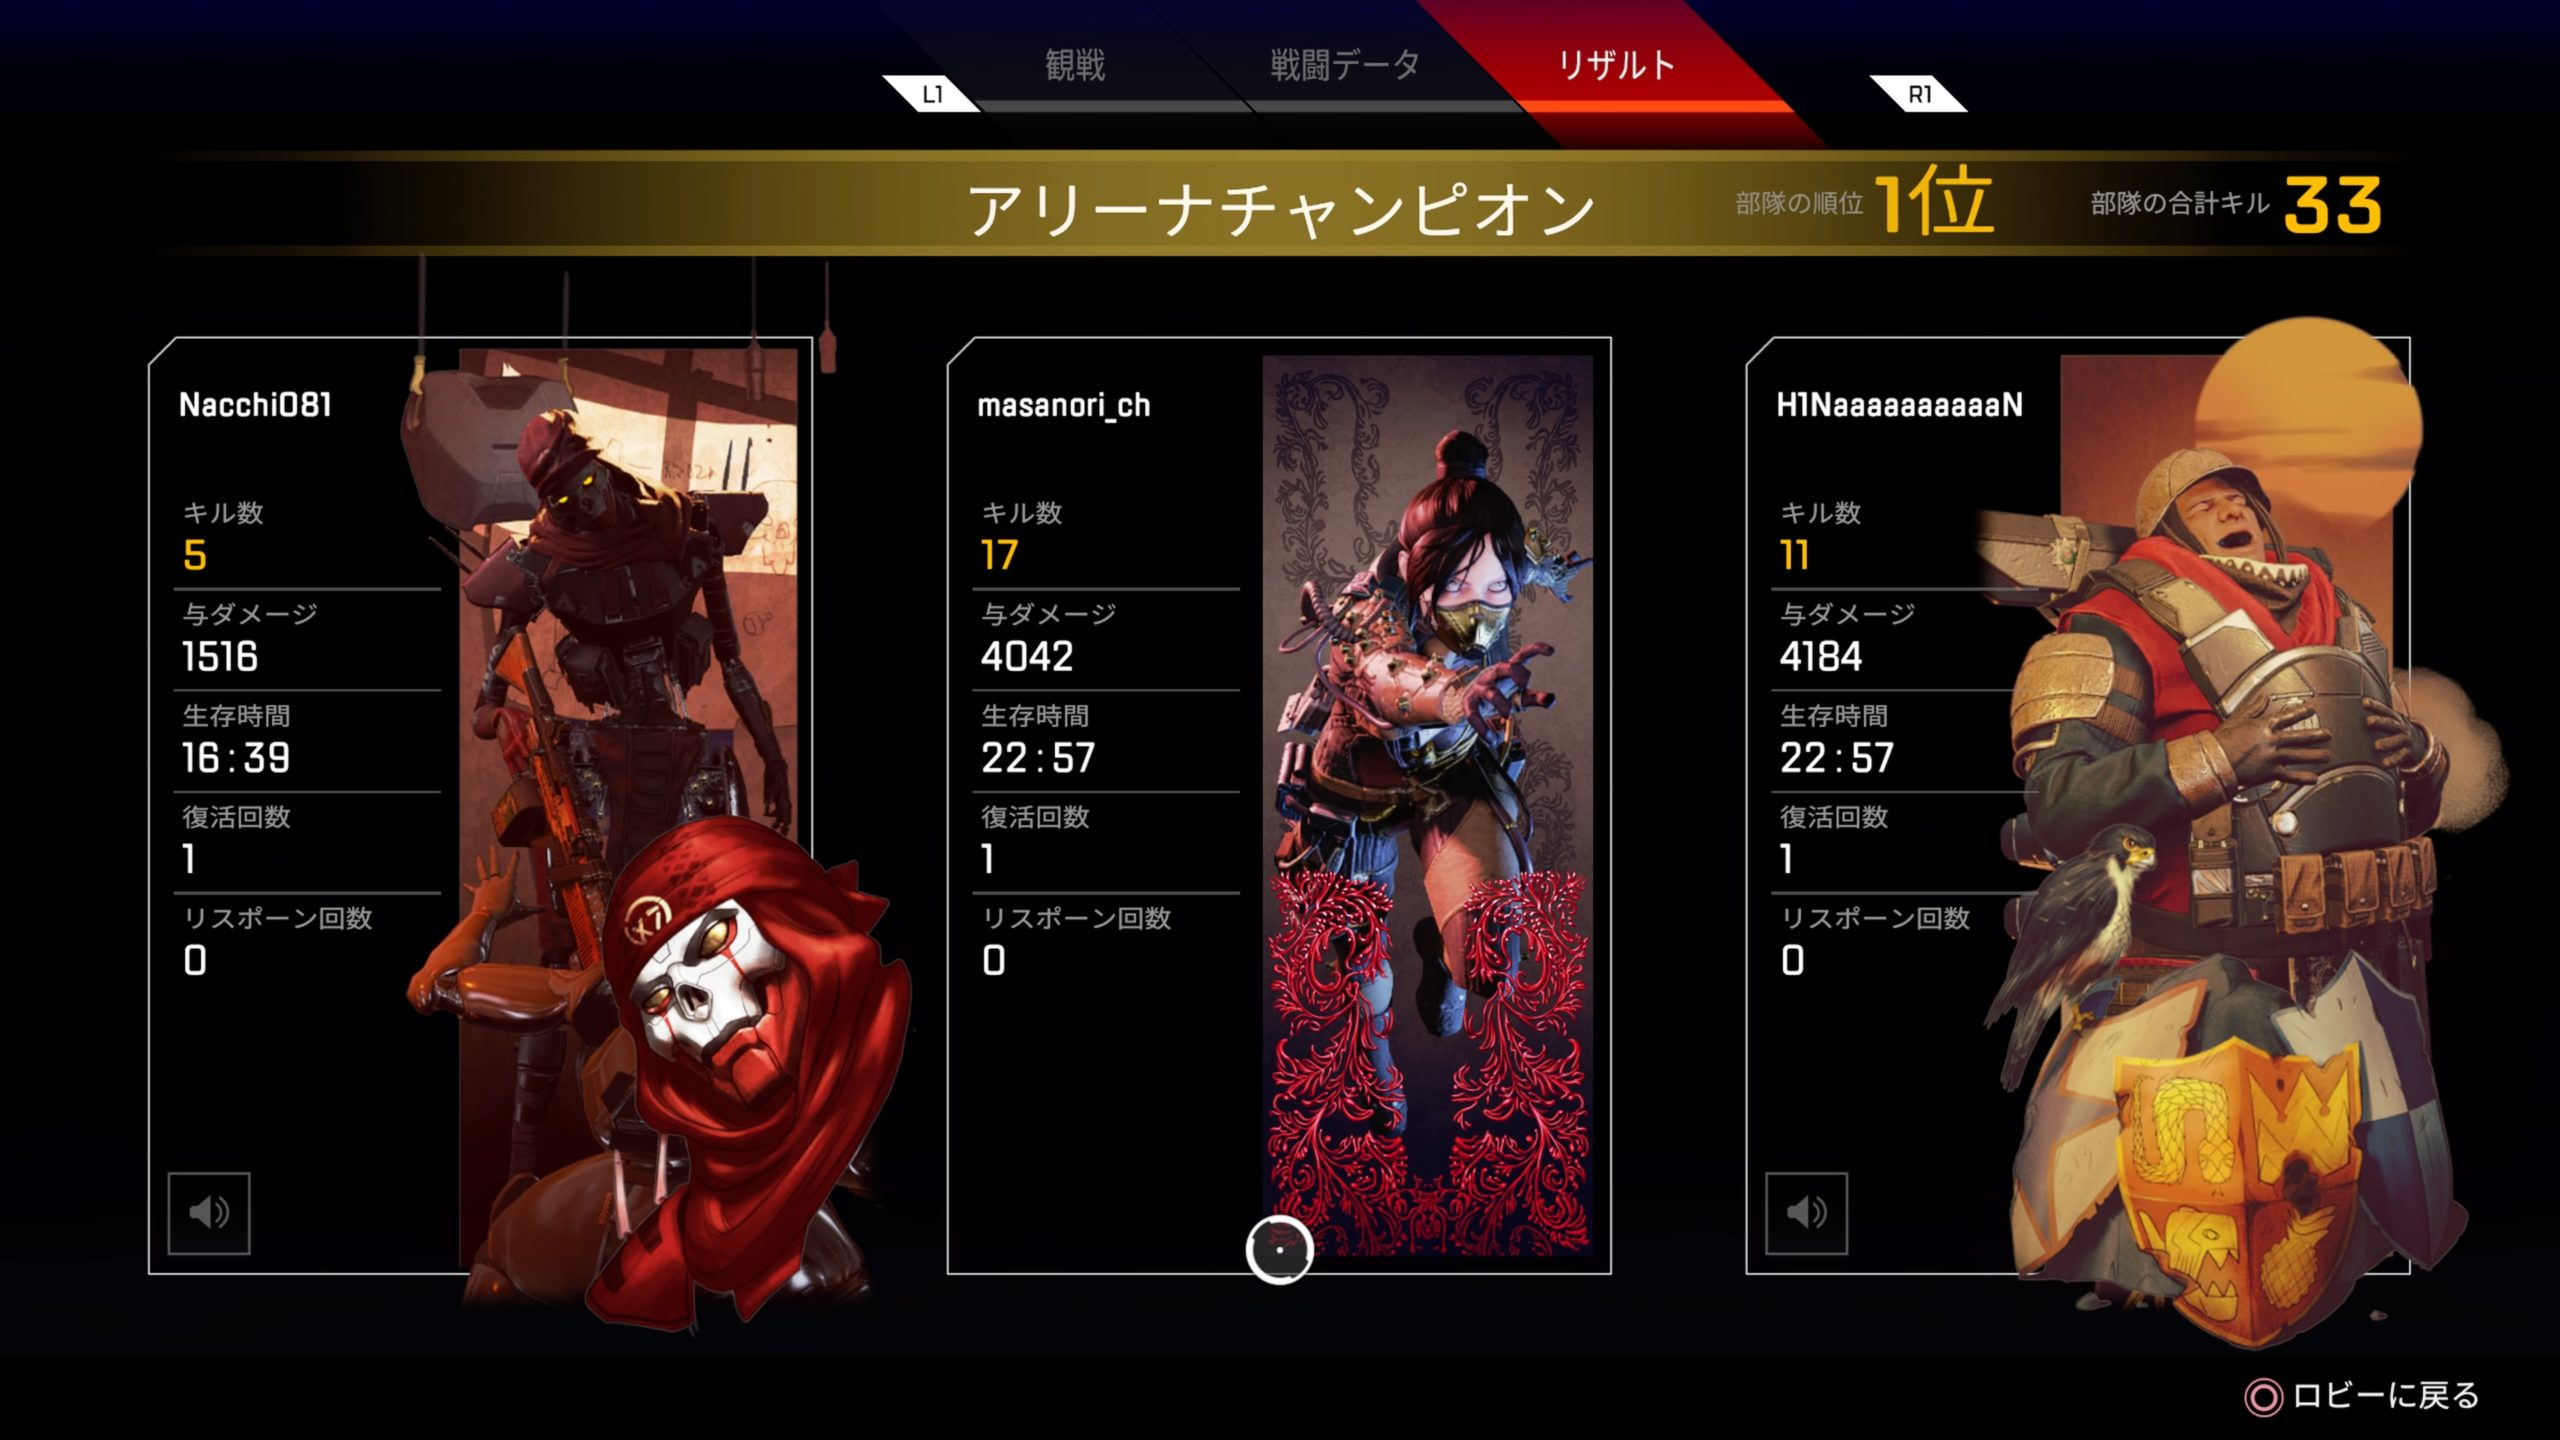 【世界初!?】Apexプレデター帯で二人同時に4000ダメージを出す日本人プレイヤー現る!!!